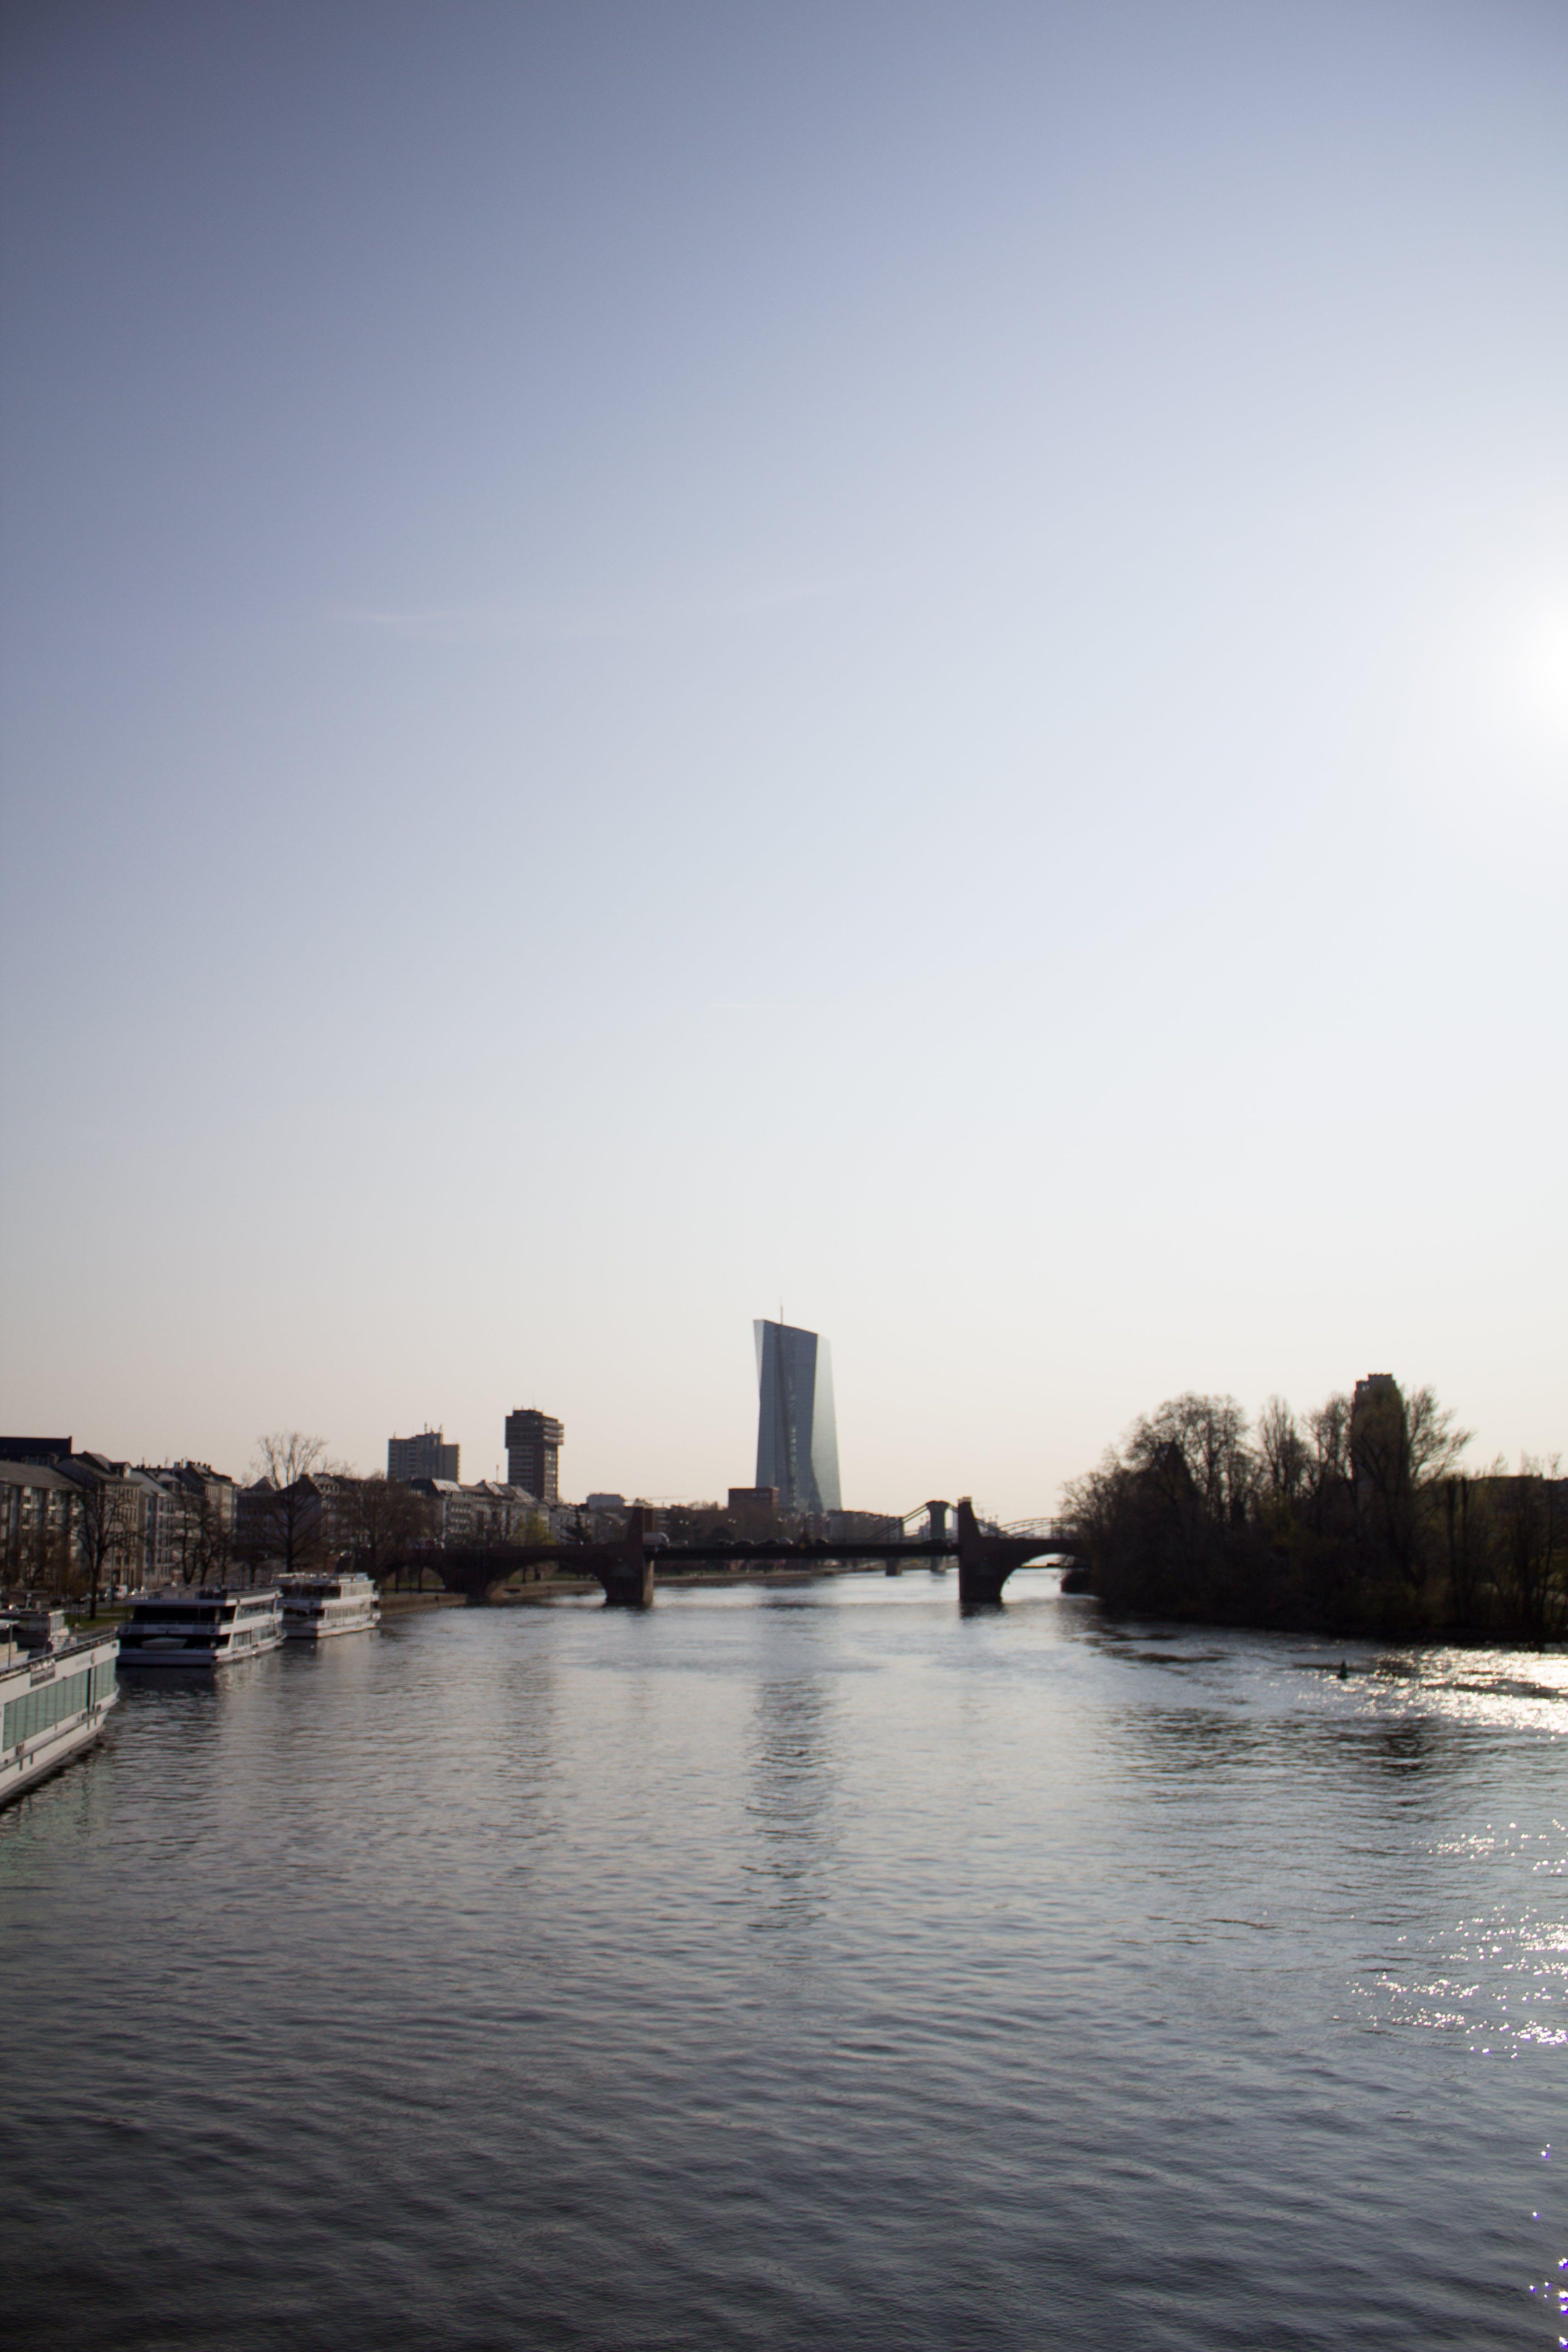 강, 건물, 경치, 경치가 좋은의 무료 스톡 사진